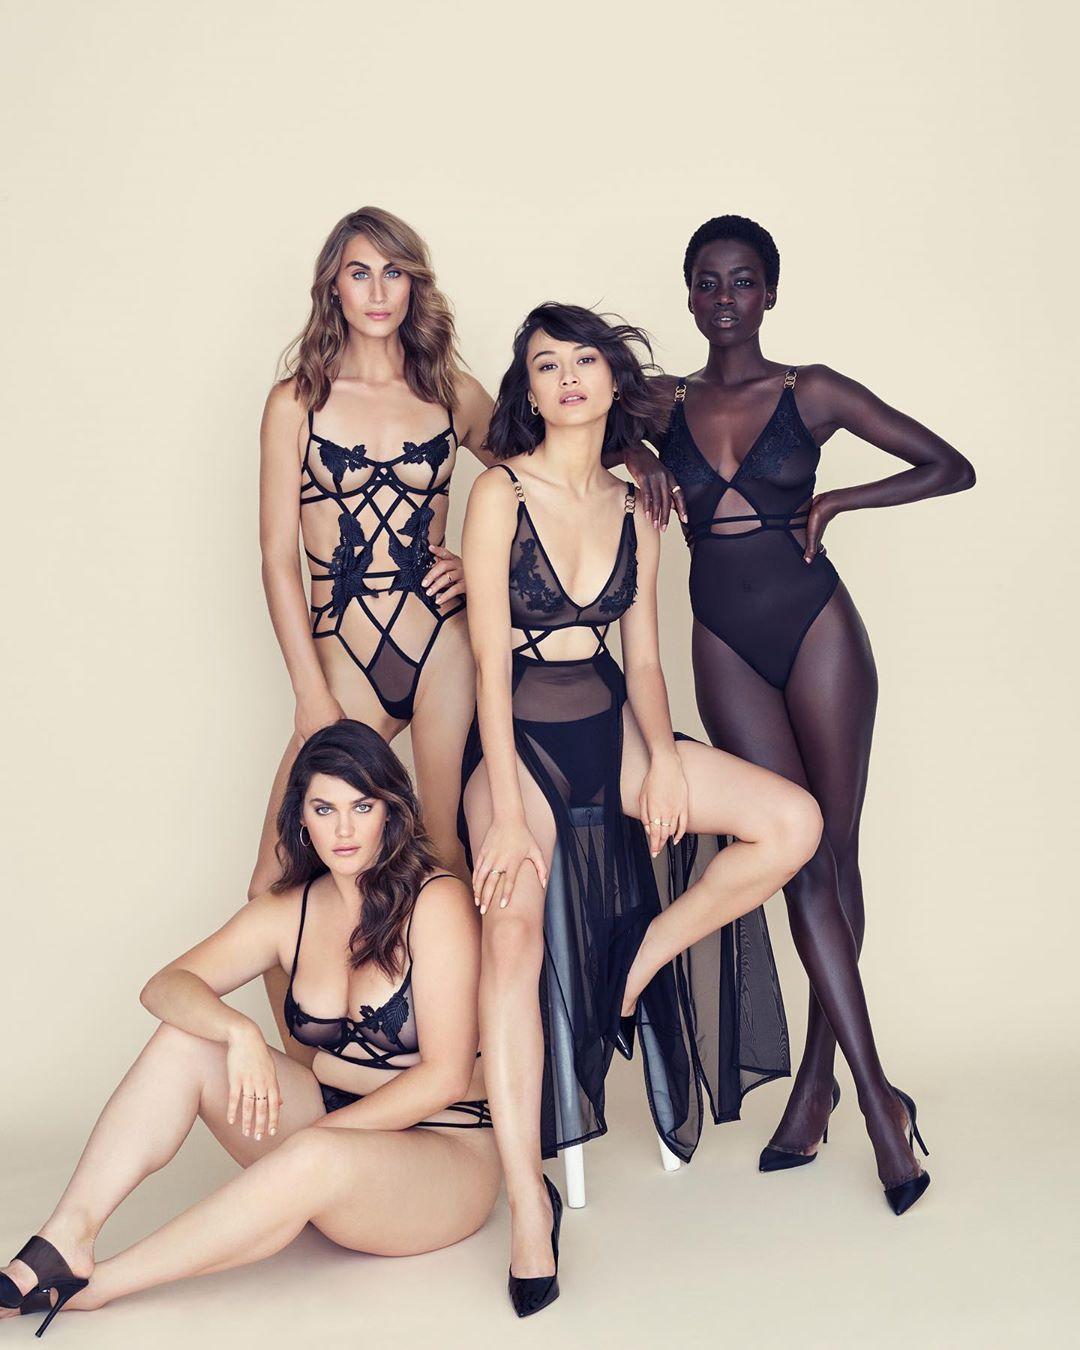 chiến dịch Victoria's Secret #loveyourself - xu hướng ngành thời trang